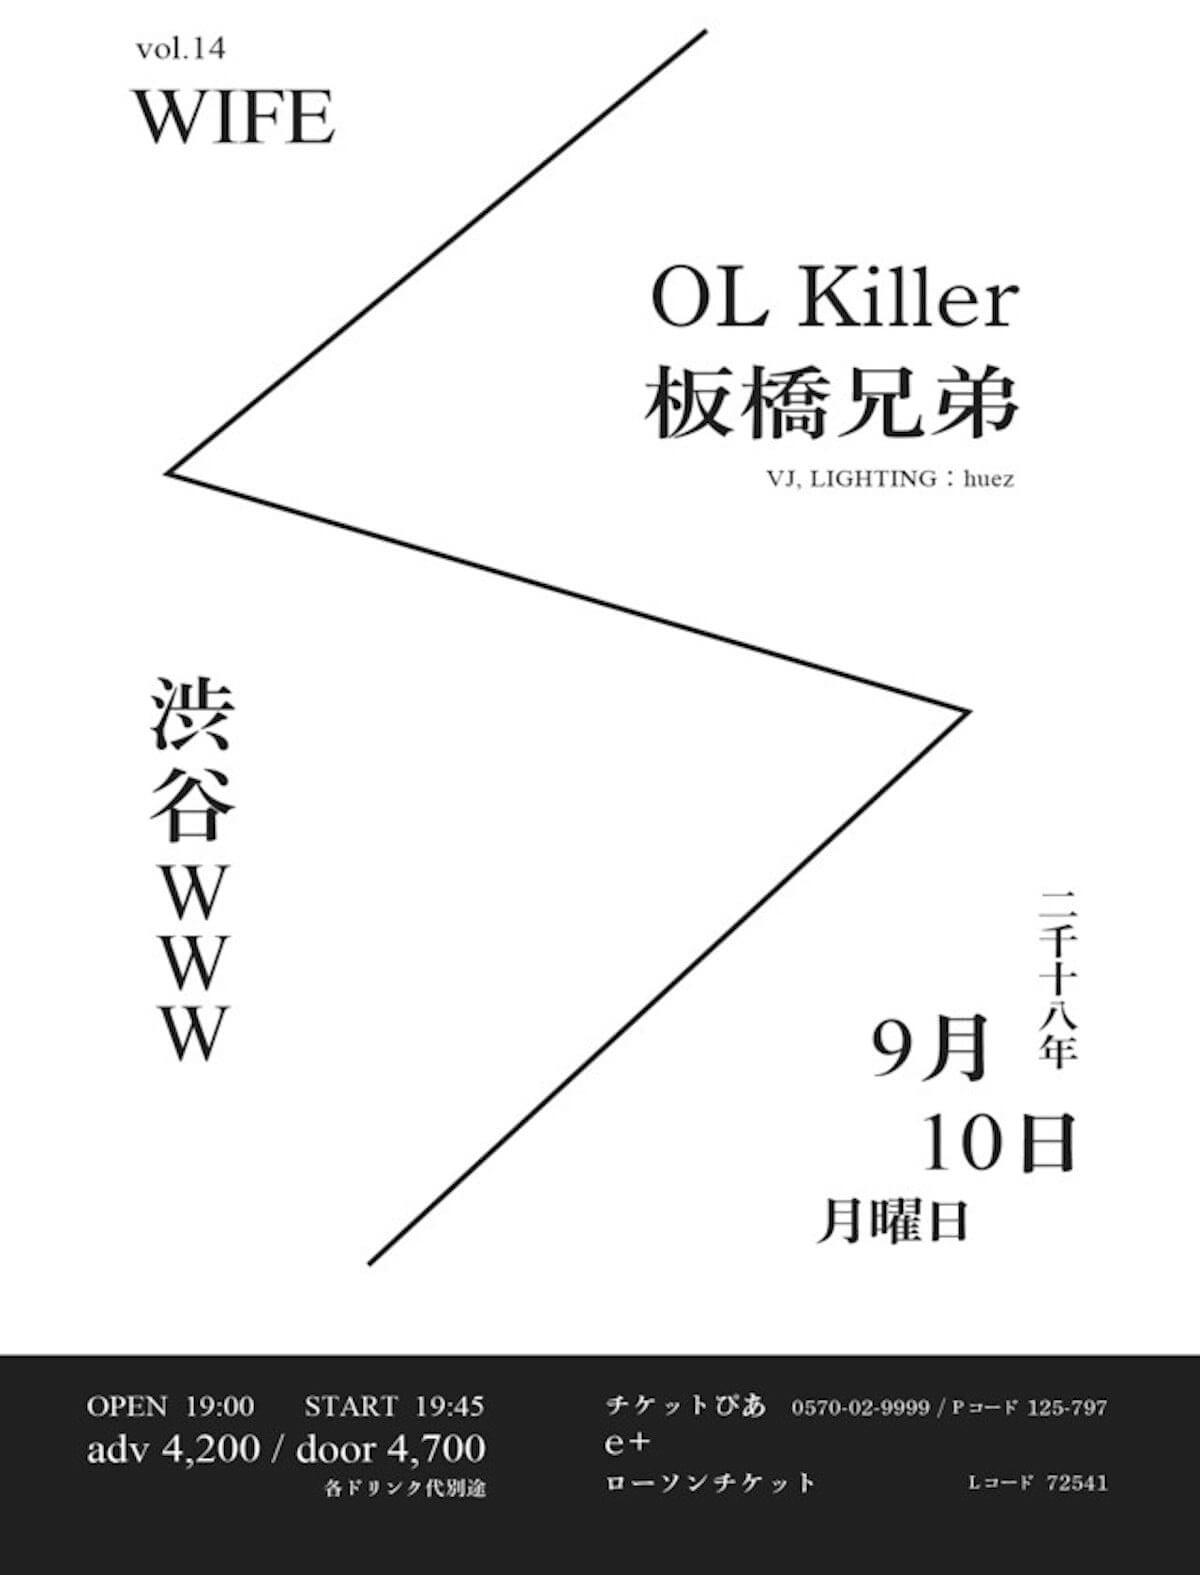 9月10日に開催されるOL Killerの自主企画イベントに板橋兄弟が登場 VJはhuez music180831-olkiller-3-1200x1575